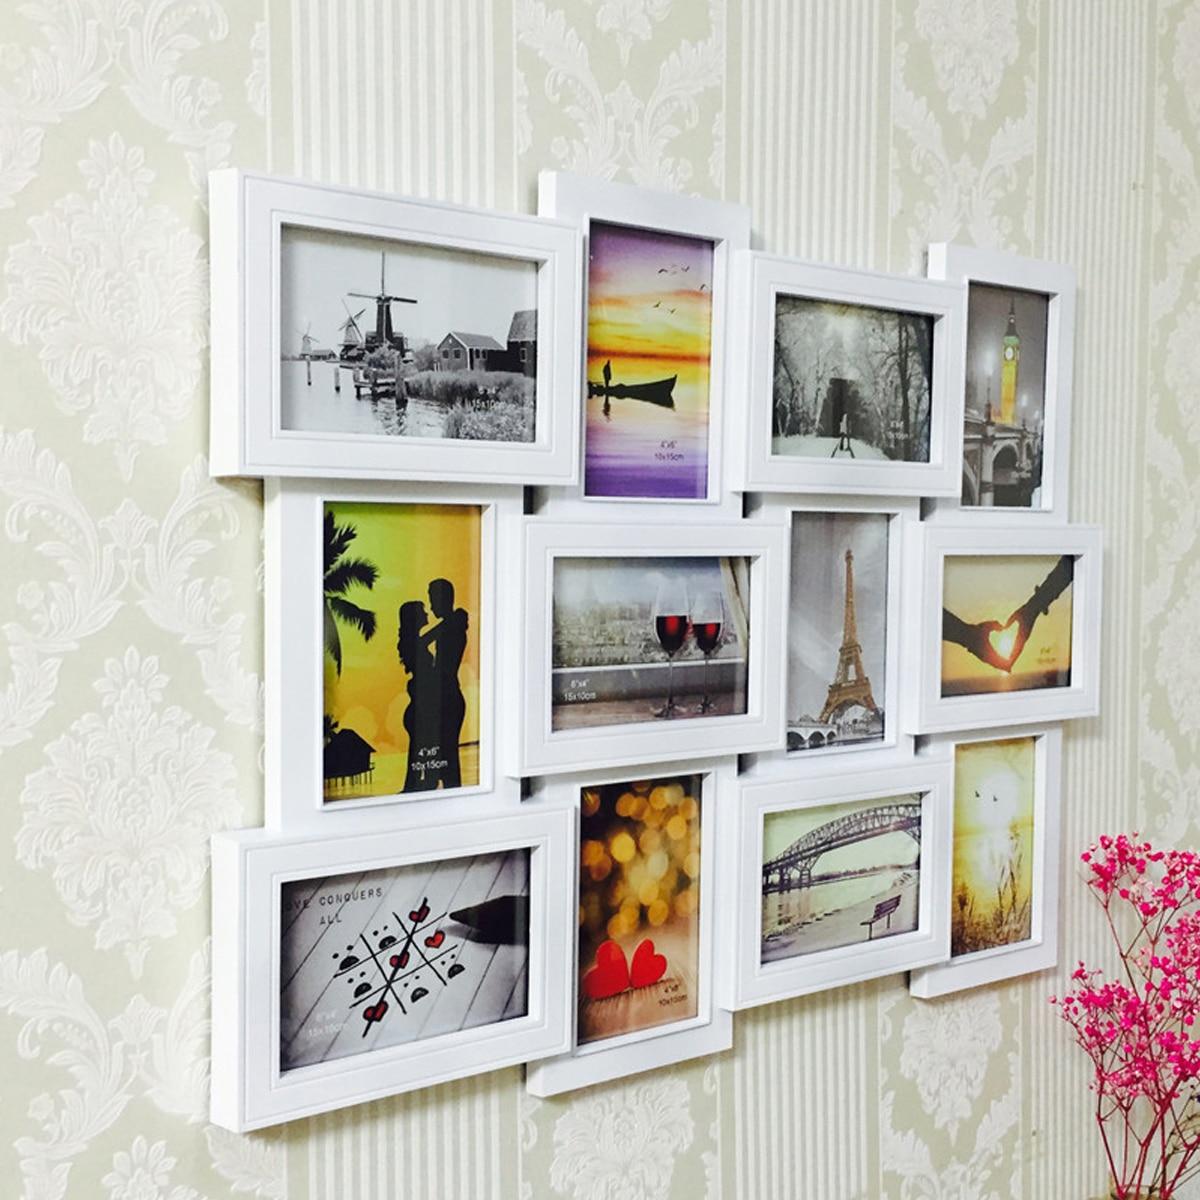 12 pièces/ensemble cadre Photo en plastique Photo murale multi-images cadre Collage cadre suspendu décoration murale cadre Photo décor à la maison